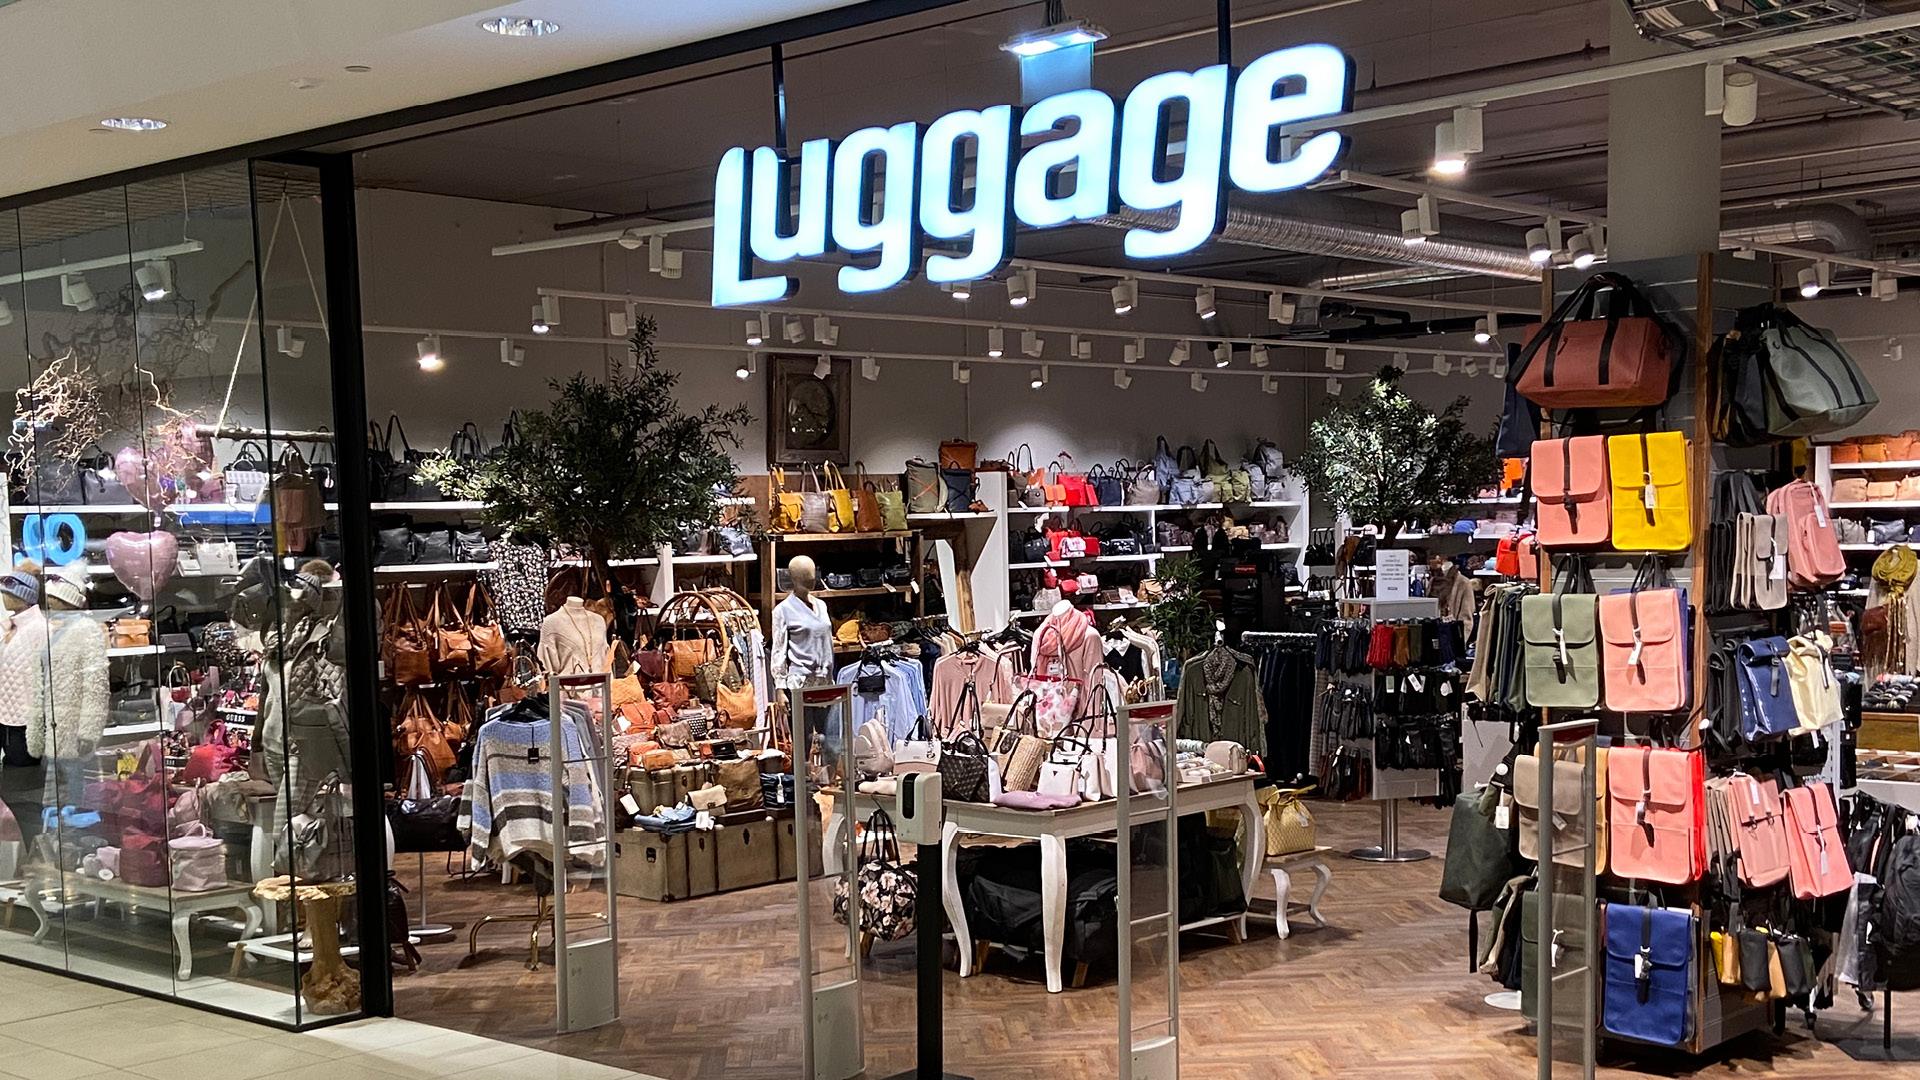 Bilde av butikk fasade Luggage